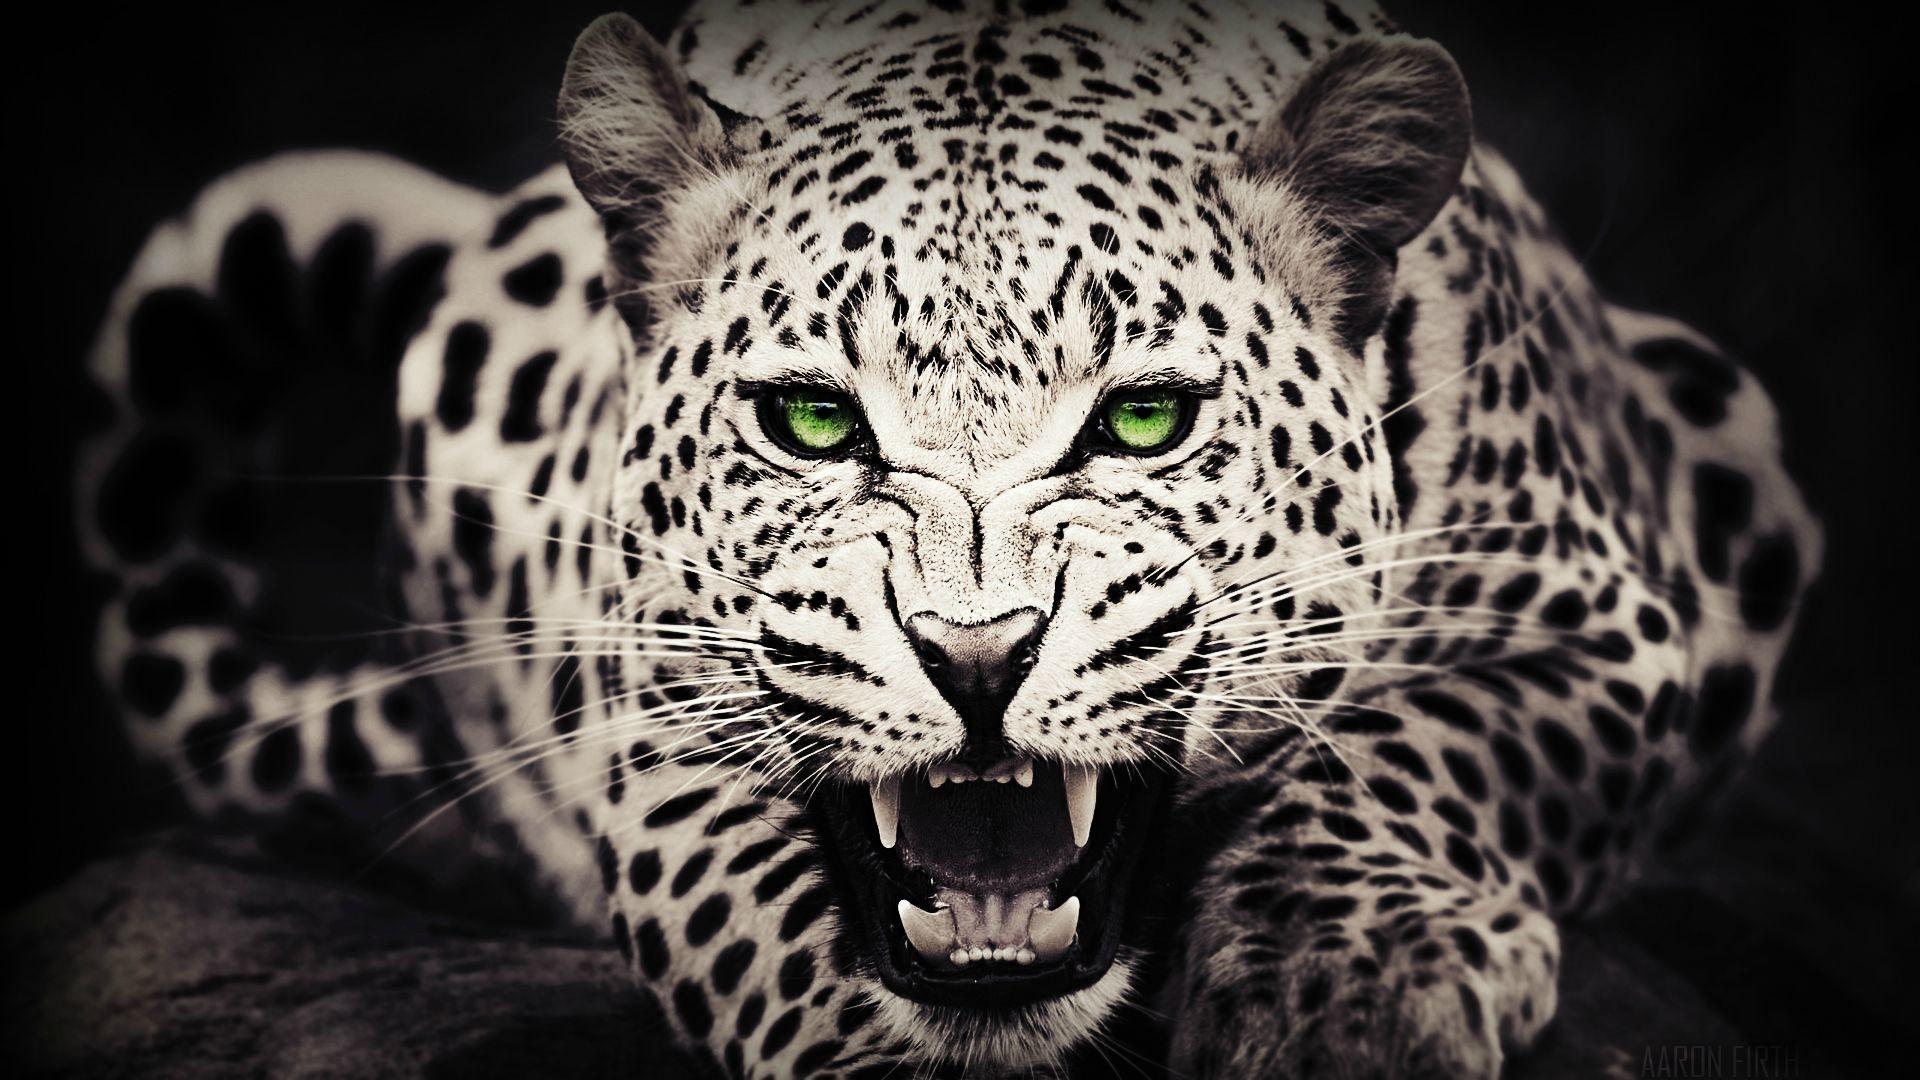 Description Leopard Wallpaper Is A Hi Res For Pc Desktops